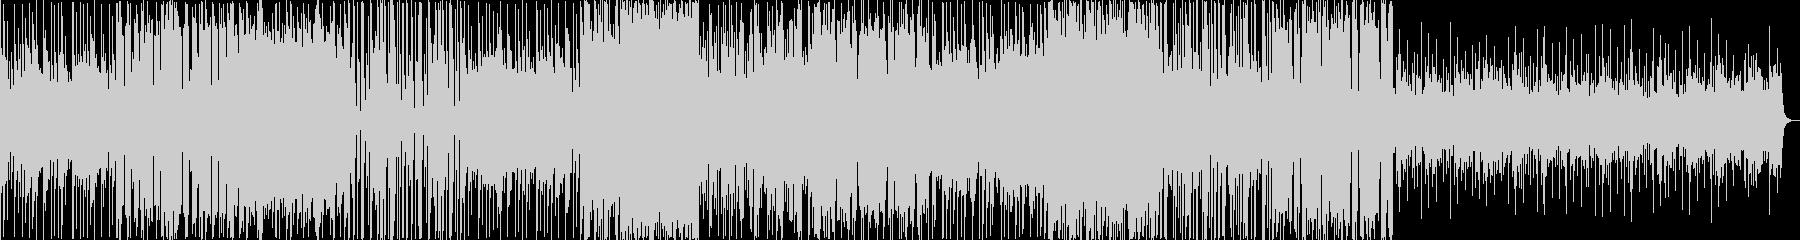 全体的に切ないメロディのポップスの未再生の波形